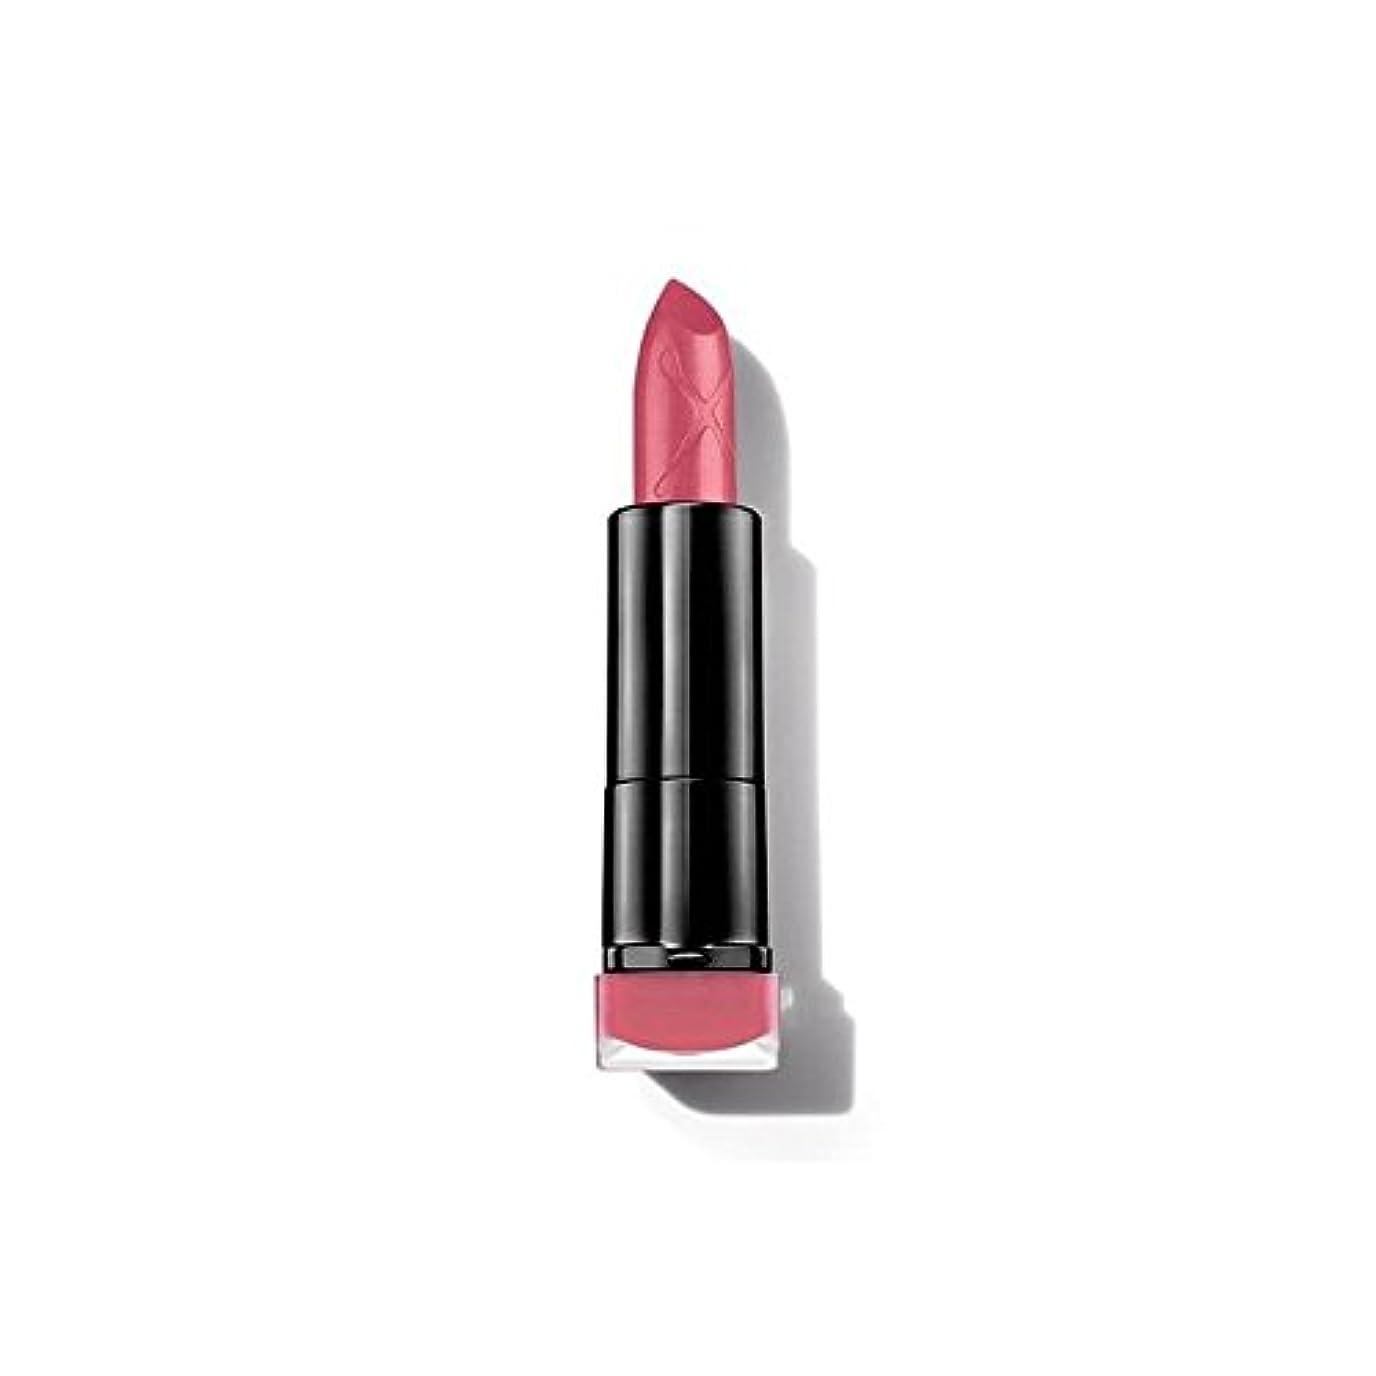 そのような残高適応するMax Factor Colour Elixir Matte Bullet Lipstick Rose 20 (Pack of 6) - マックスファクターカラーエリキシルマット弾丸の口紅は、20ローズ x6 [並行輸入品]